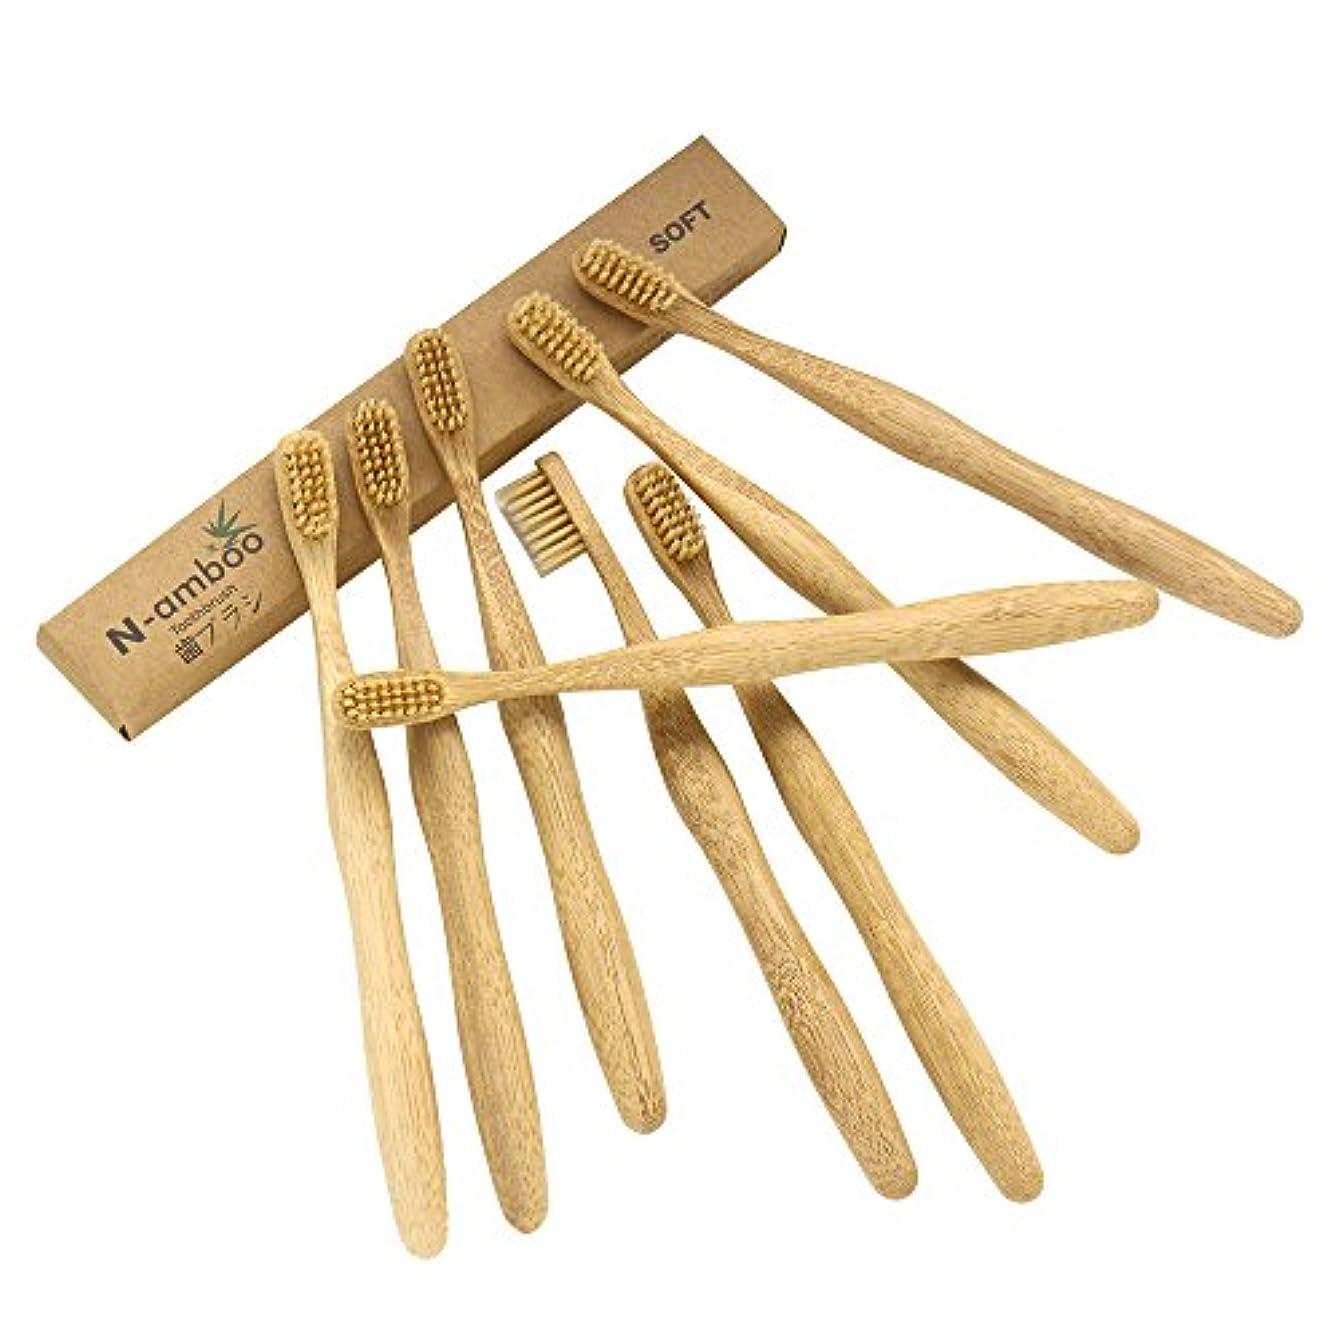 目を覚ますフィクション平和なN-amboo 竹製耐久度高い 歯ブラシ ベージュ 8本入り セット